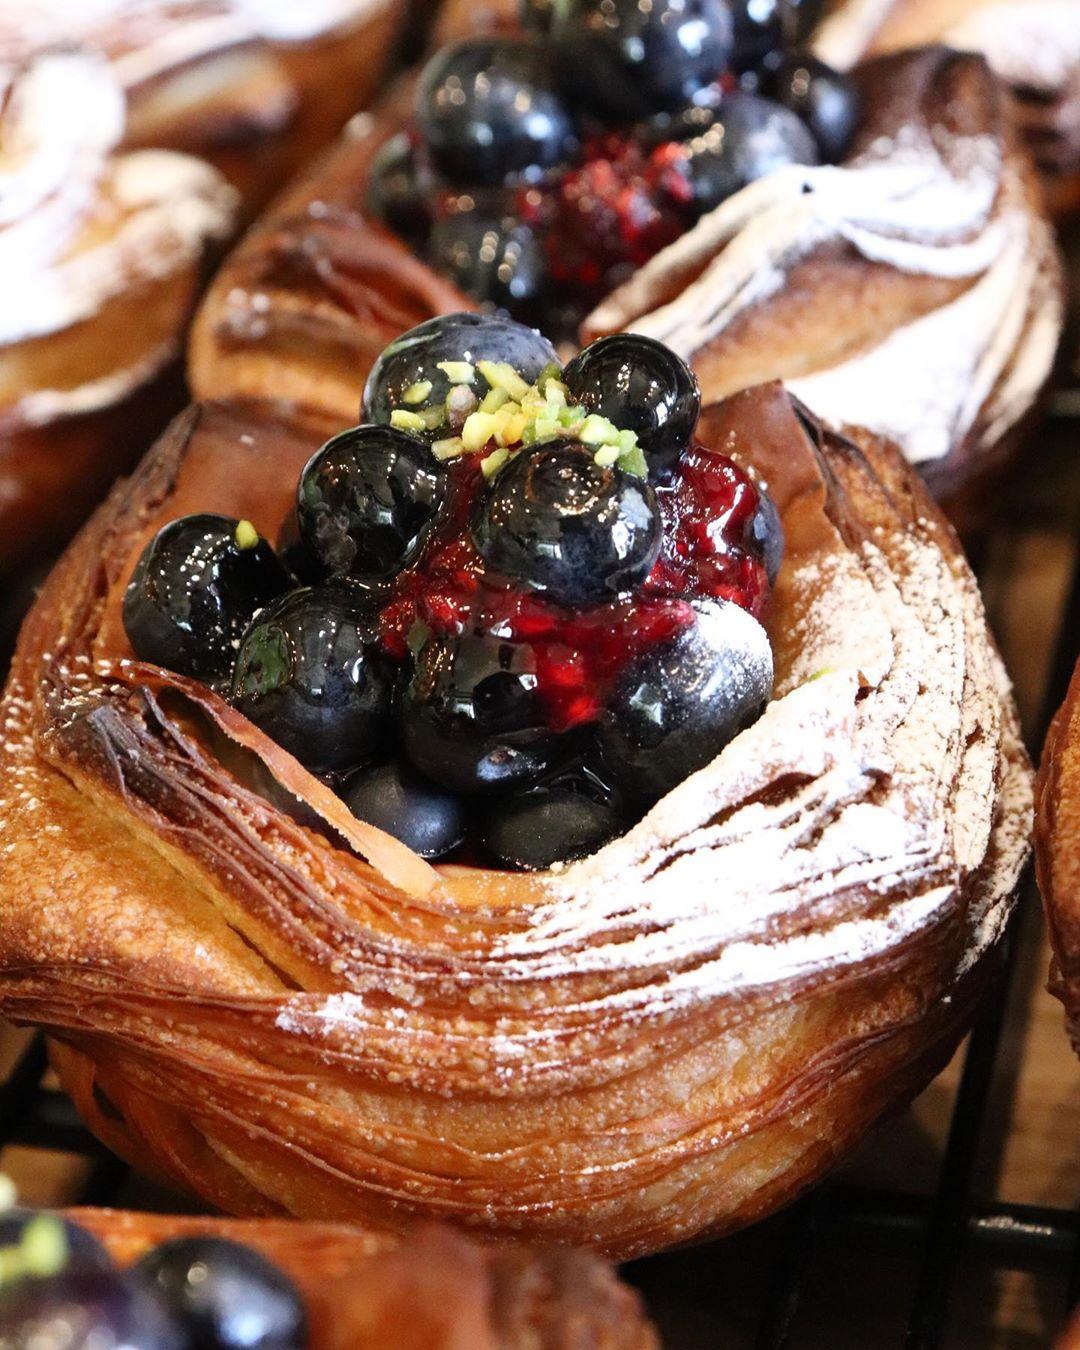 青葉ファームさんの無農薬の無花果のデニッシュ、ブルーベリーのデニッシュ他たくさんのデニッシュをご用意しております(2020.09.30)